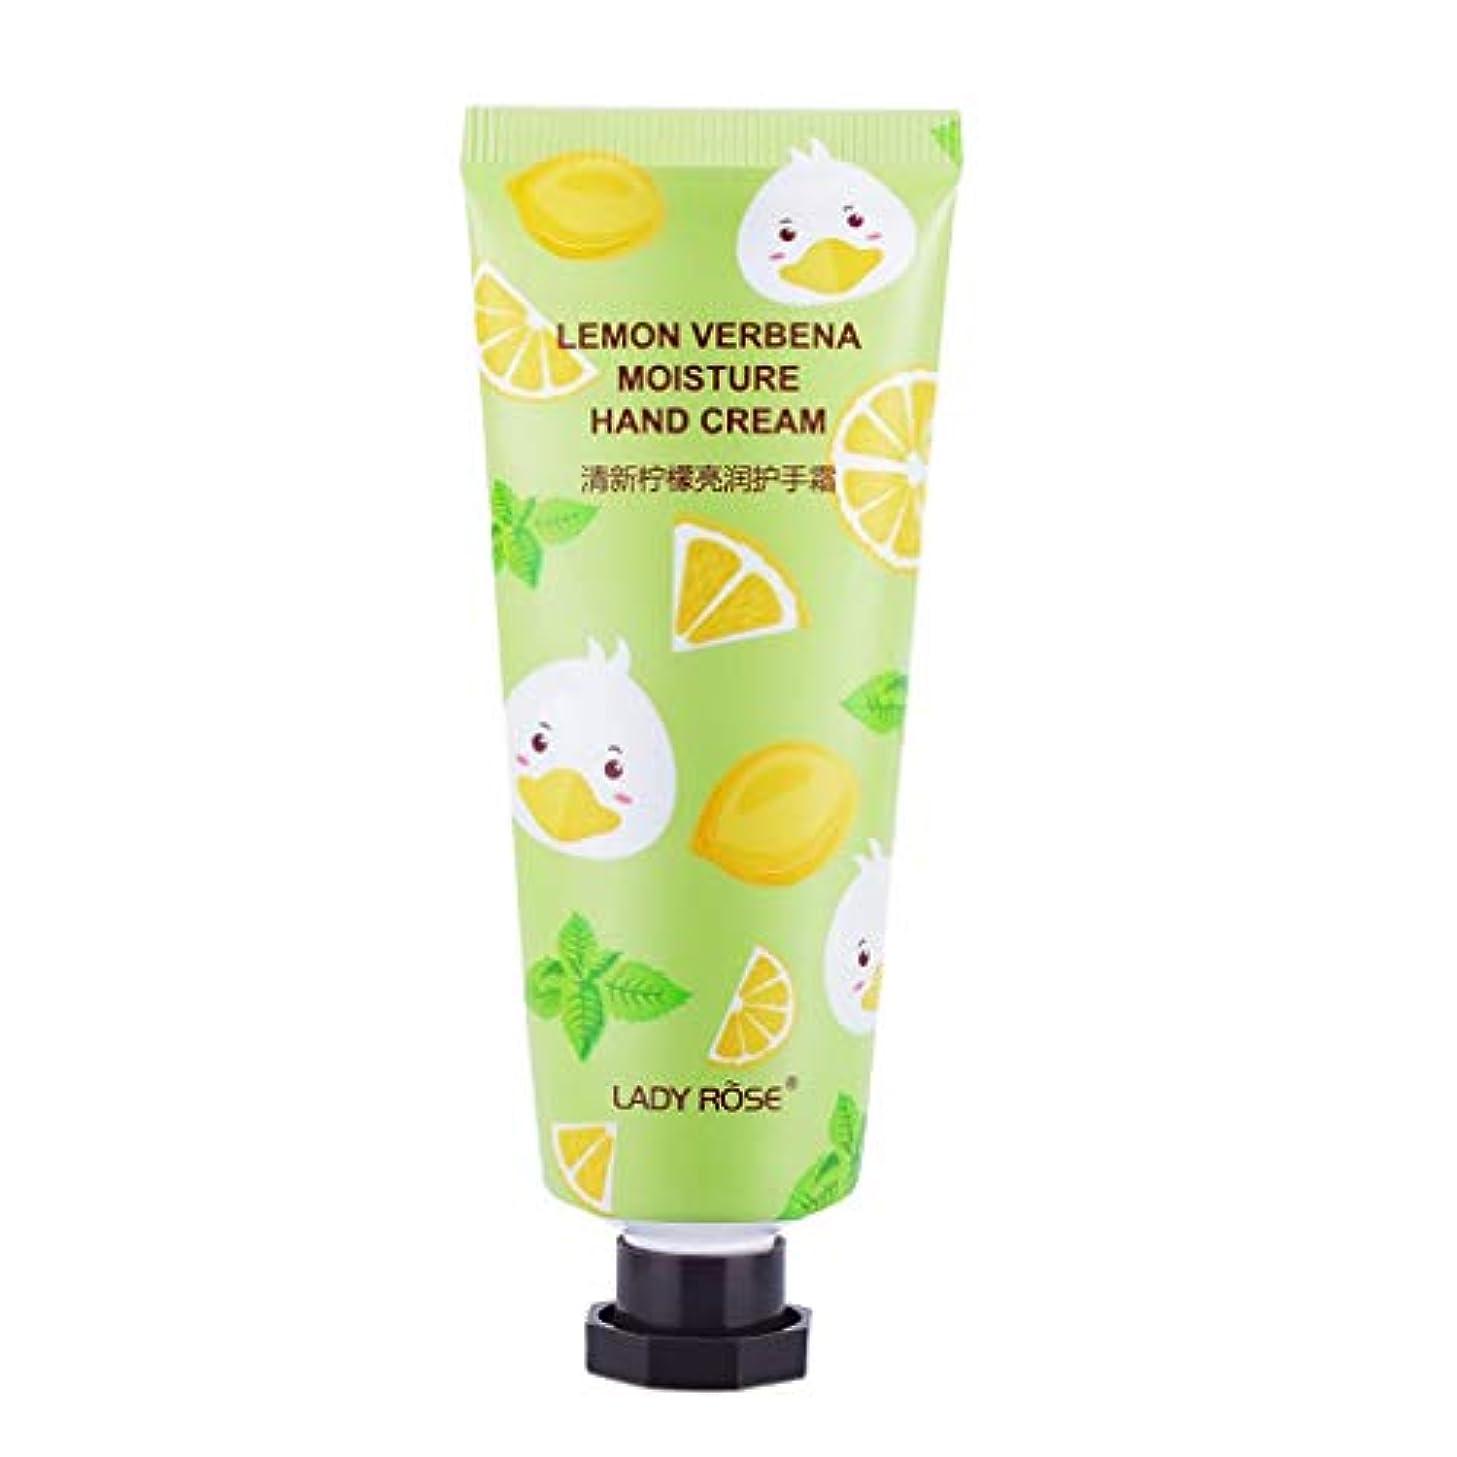 B Baosity ハンドクリーム 保湿 ローション 潤い スキンケア ハンドローション 3タイプ選べ - レモン